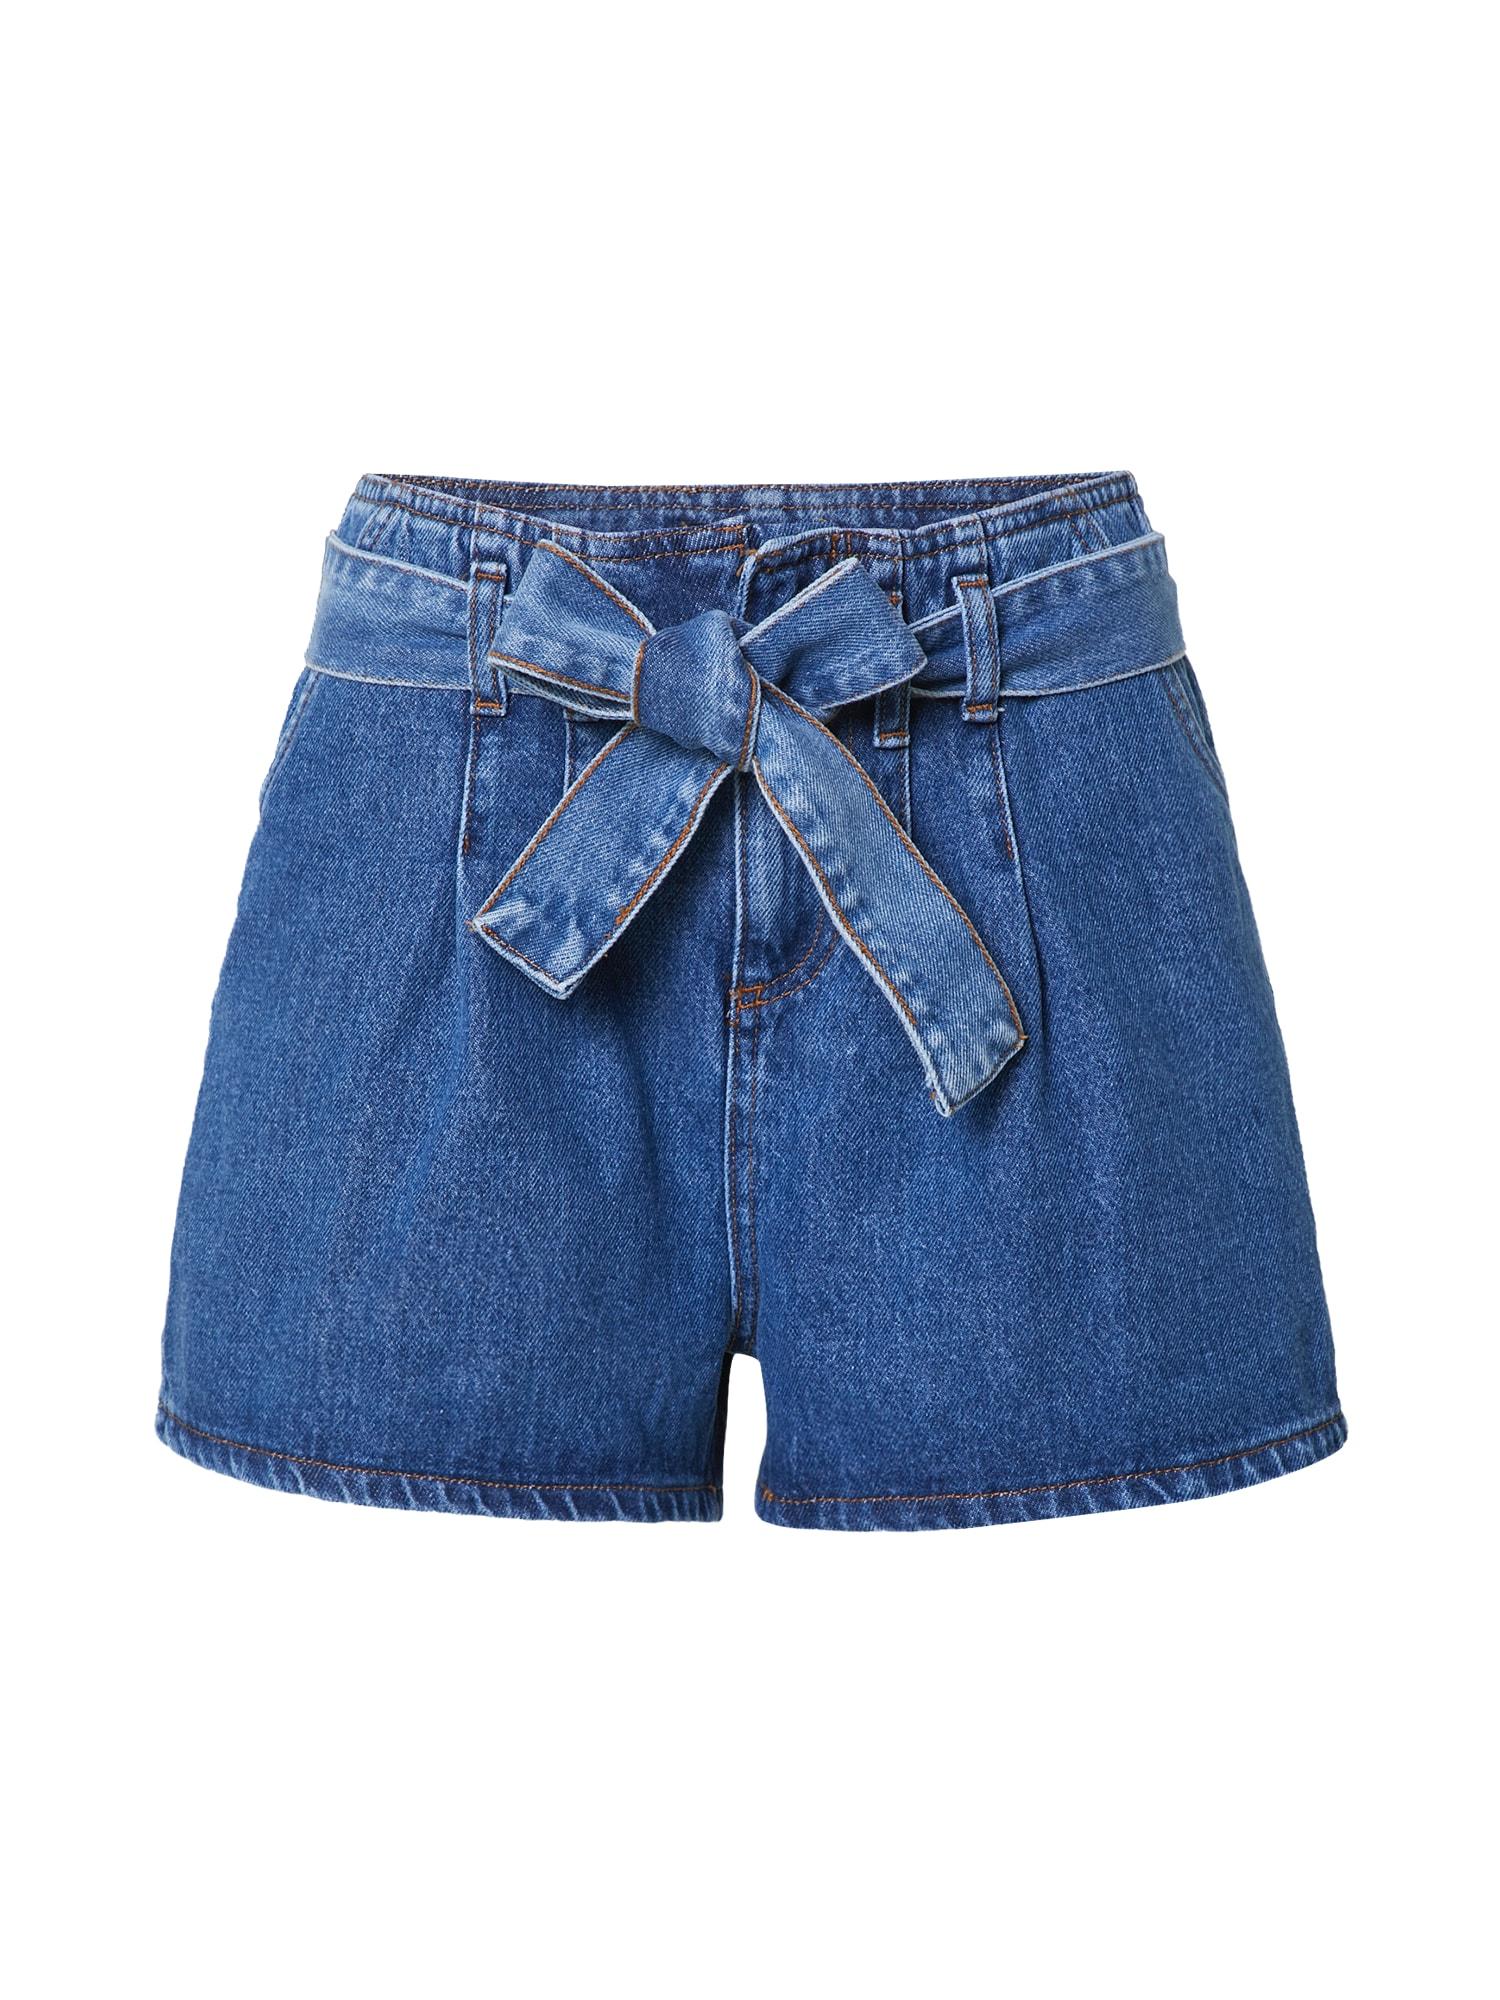 Trendyol Džinsai su kantu tamsiai (džinso) mėlyna